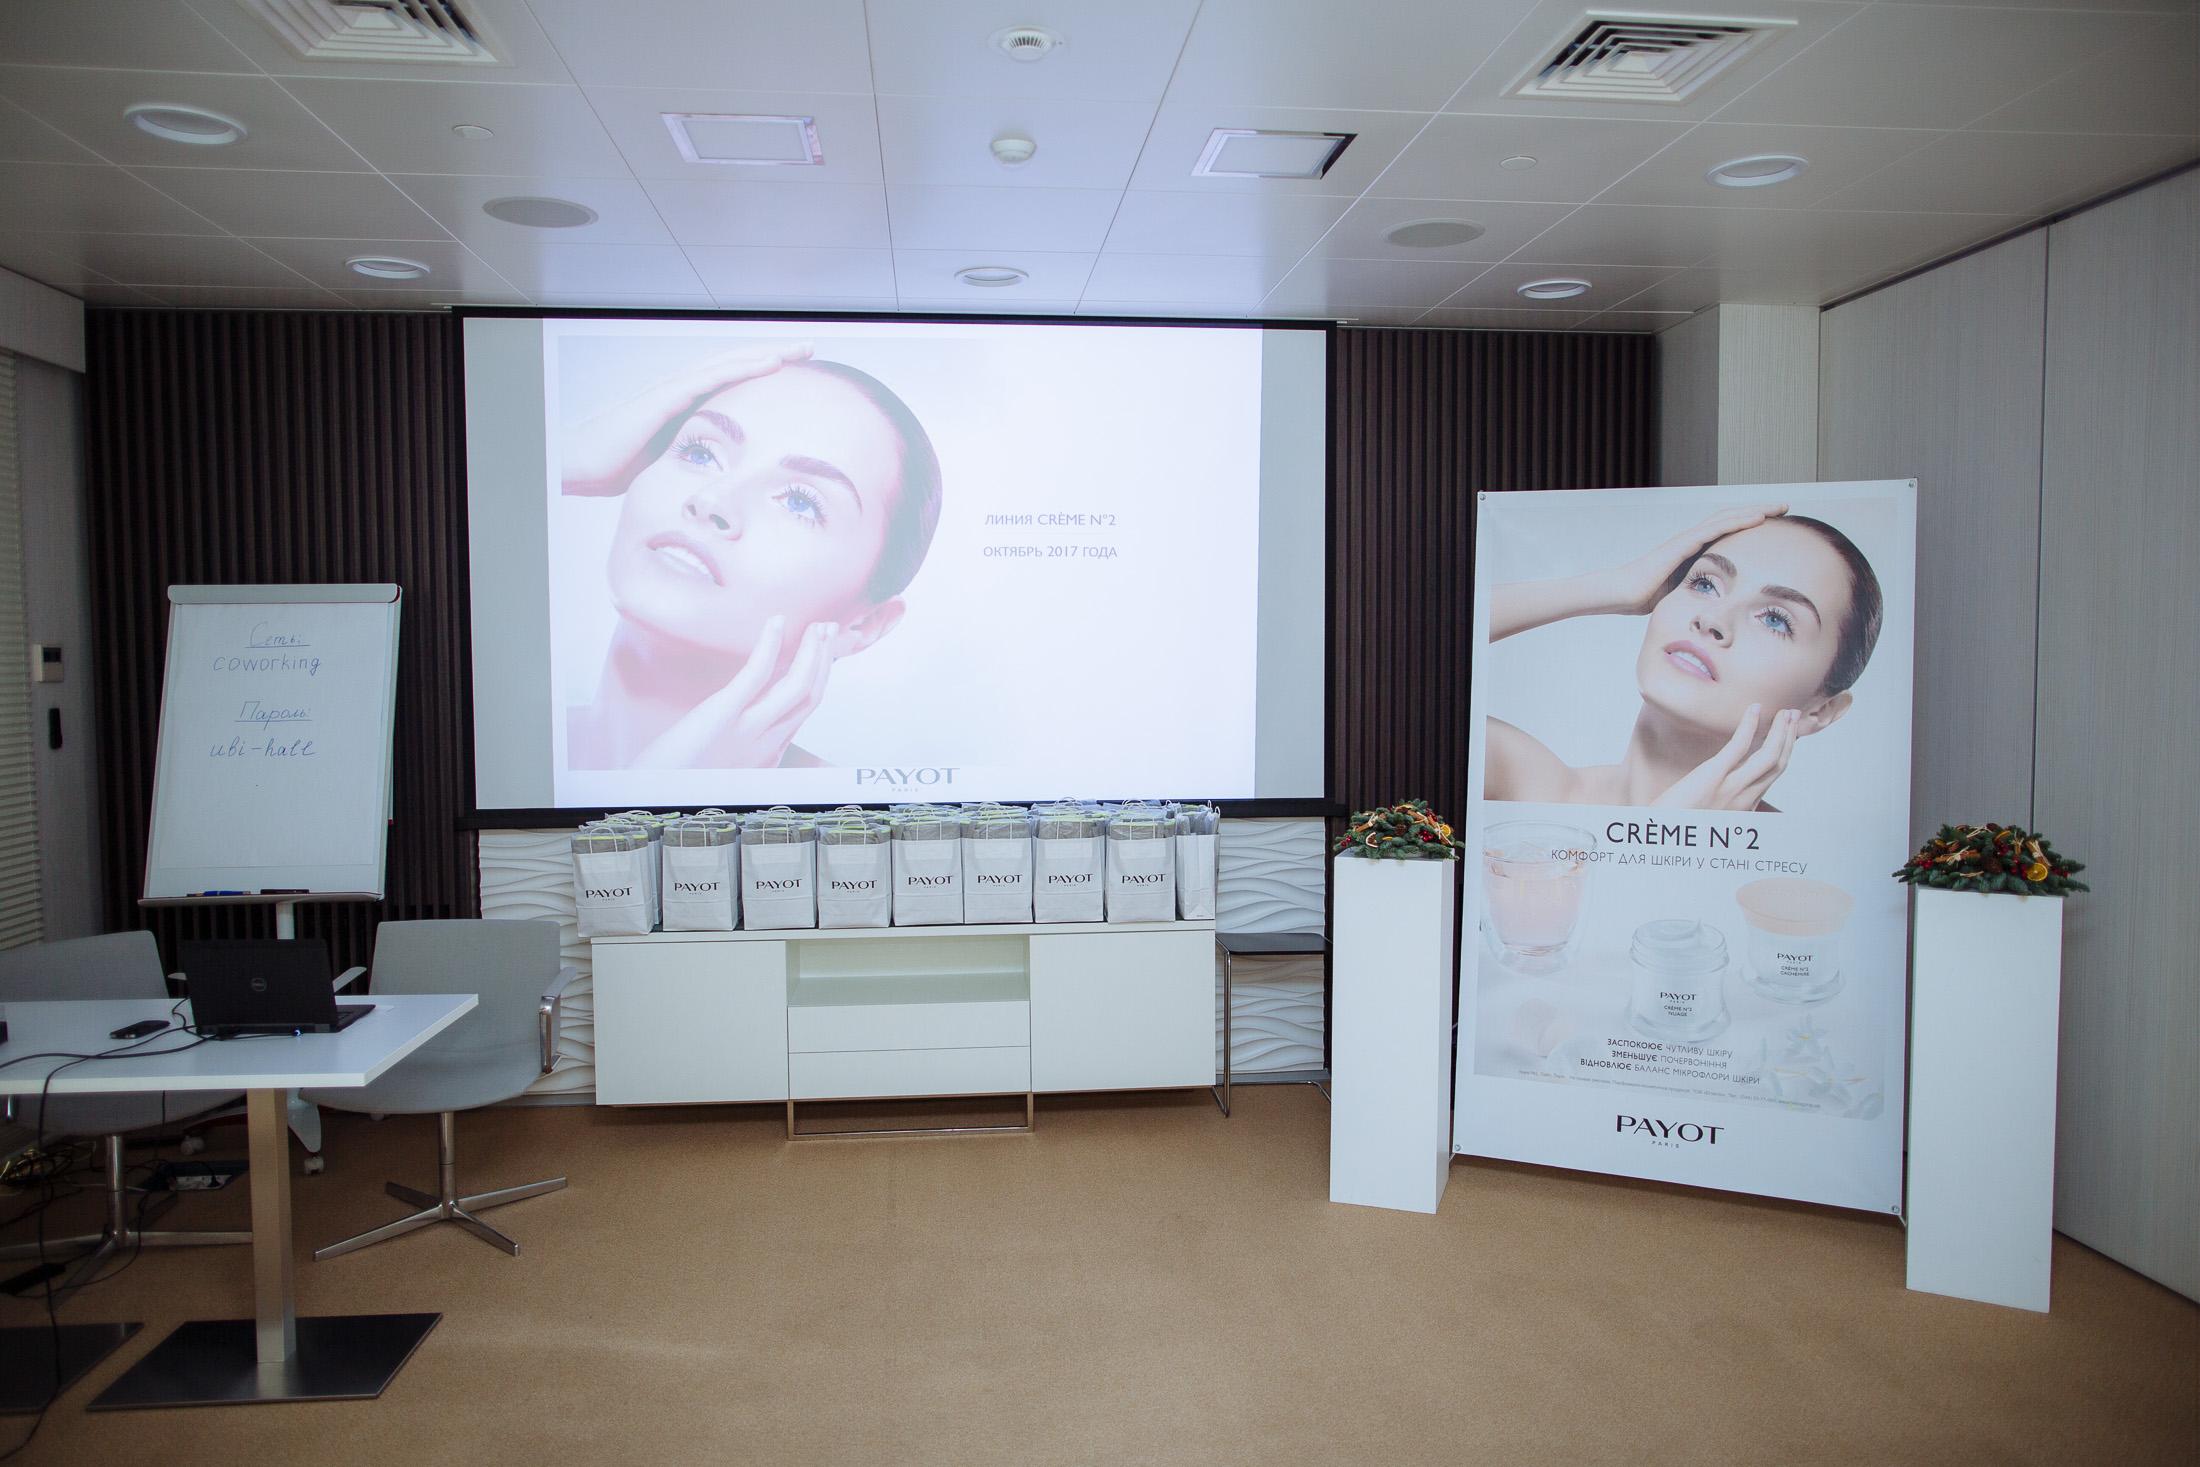 Презентация новой линии средств Payot Creme №2